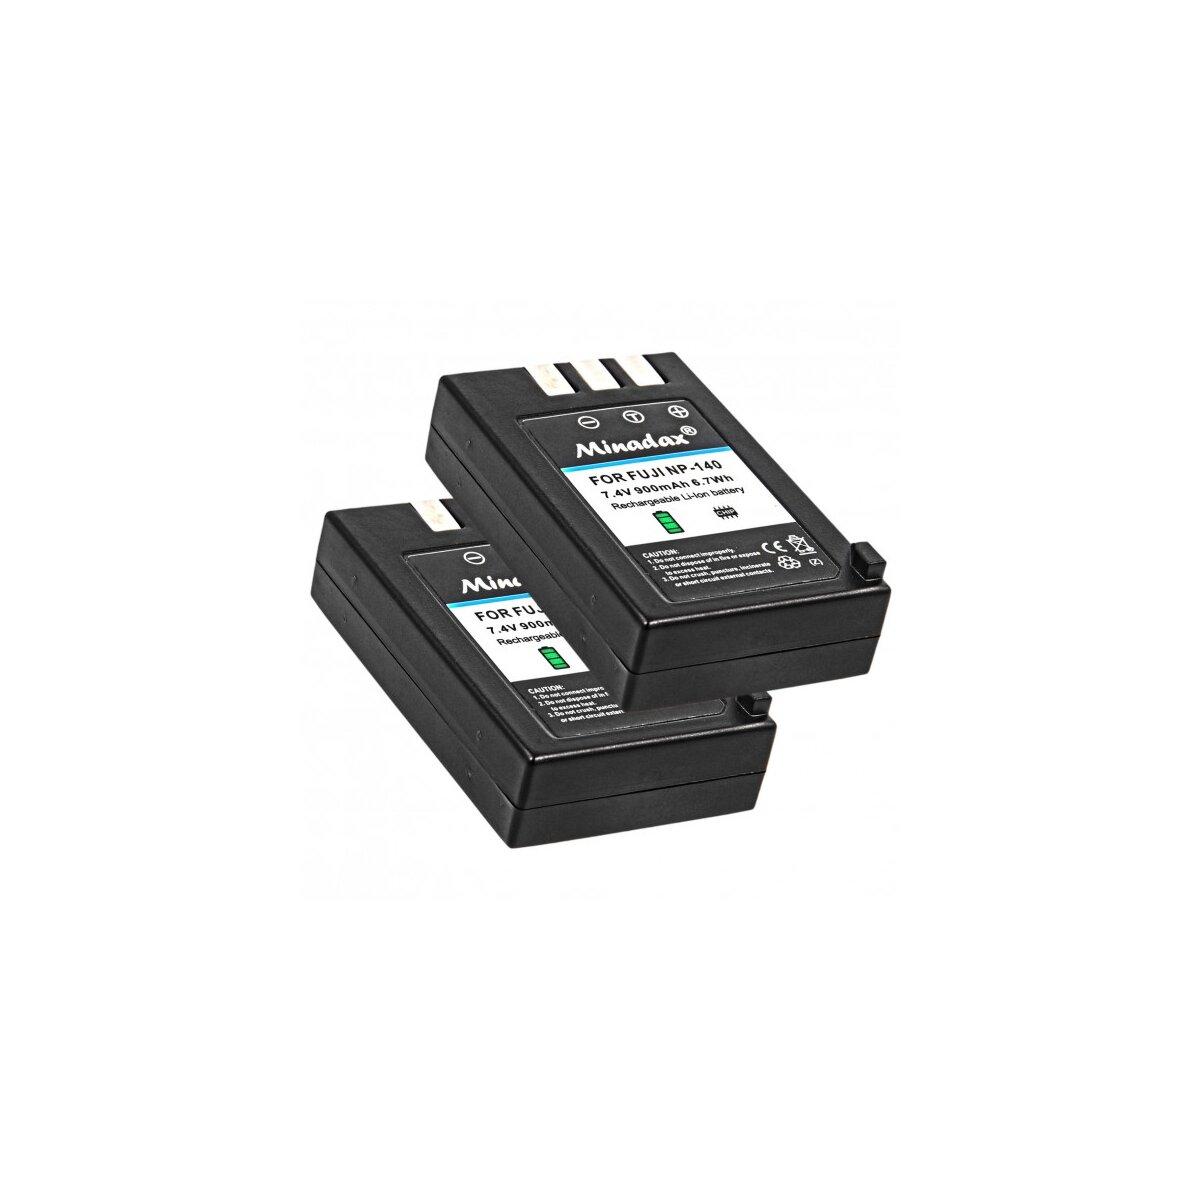 2x Minadax Qualitätsakku mit echten 900 mAh kompatibel für FujiFilm FinePix S100FS, S200EXR, S205EXR, Ersatz für NP-140 - Intelligentes Akkusystem mit Chip